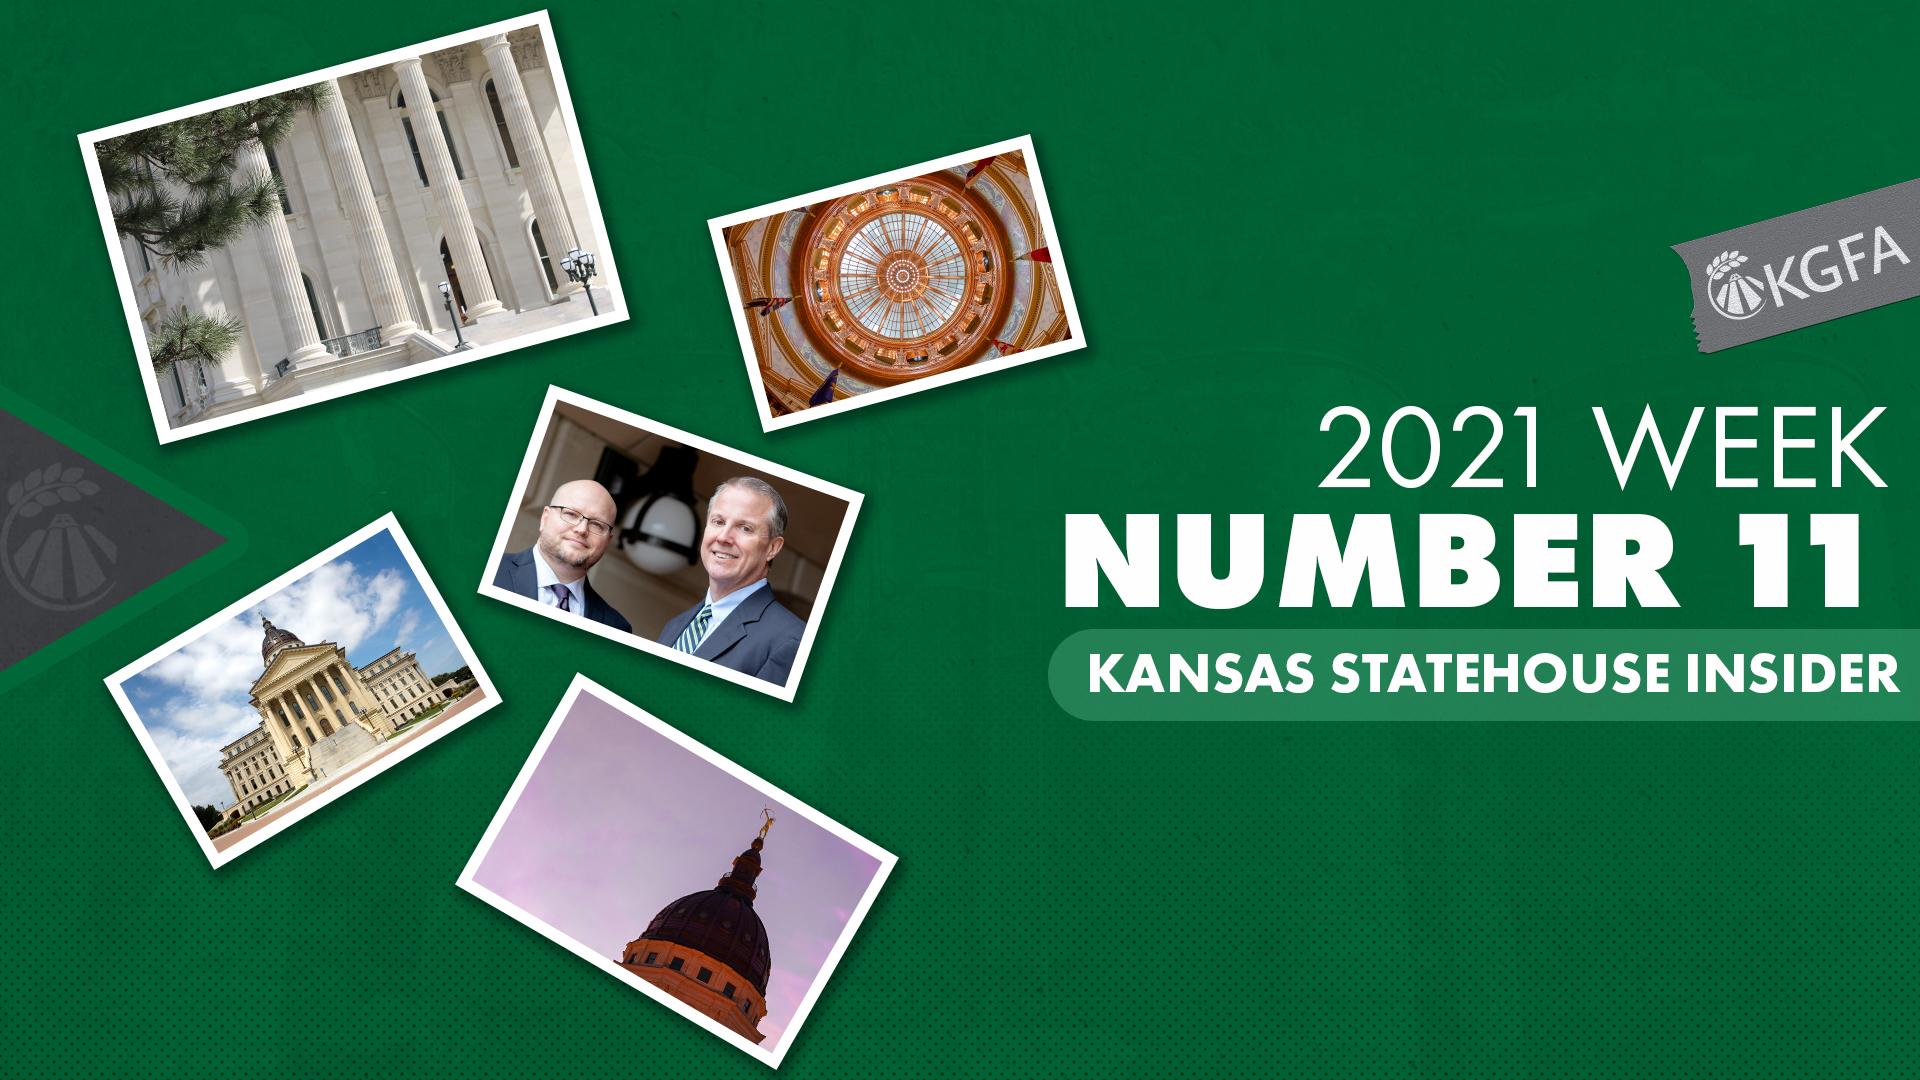 Kansas Statehouse Insider Week 11